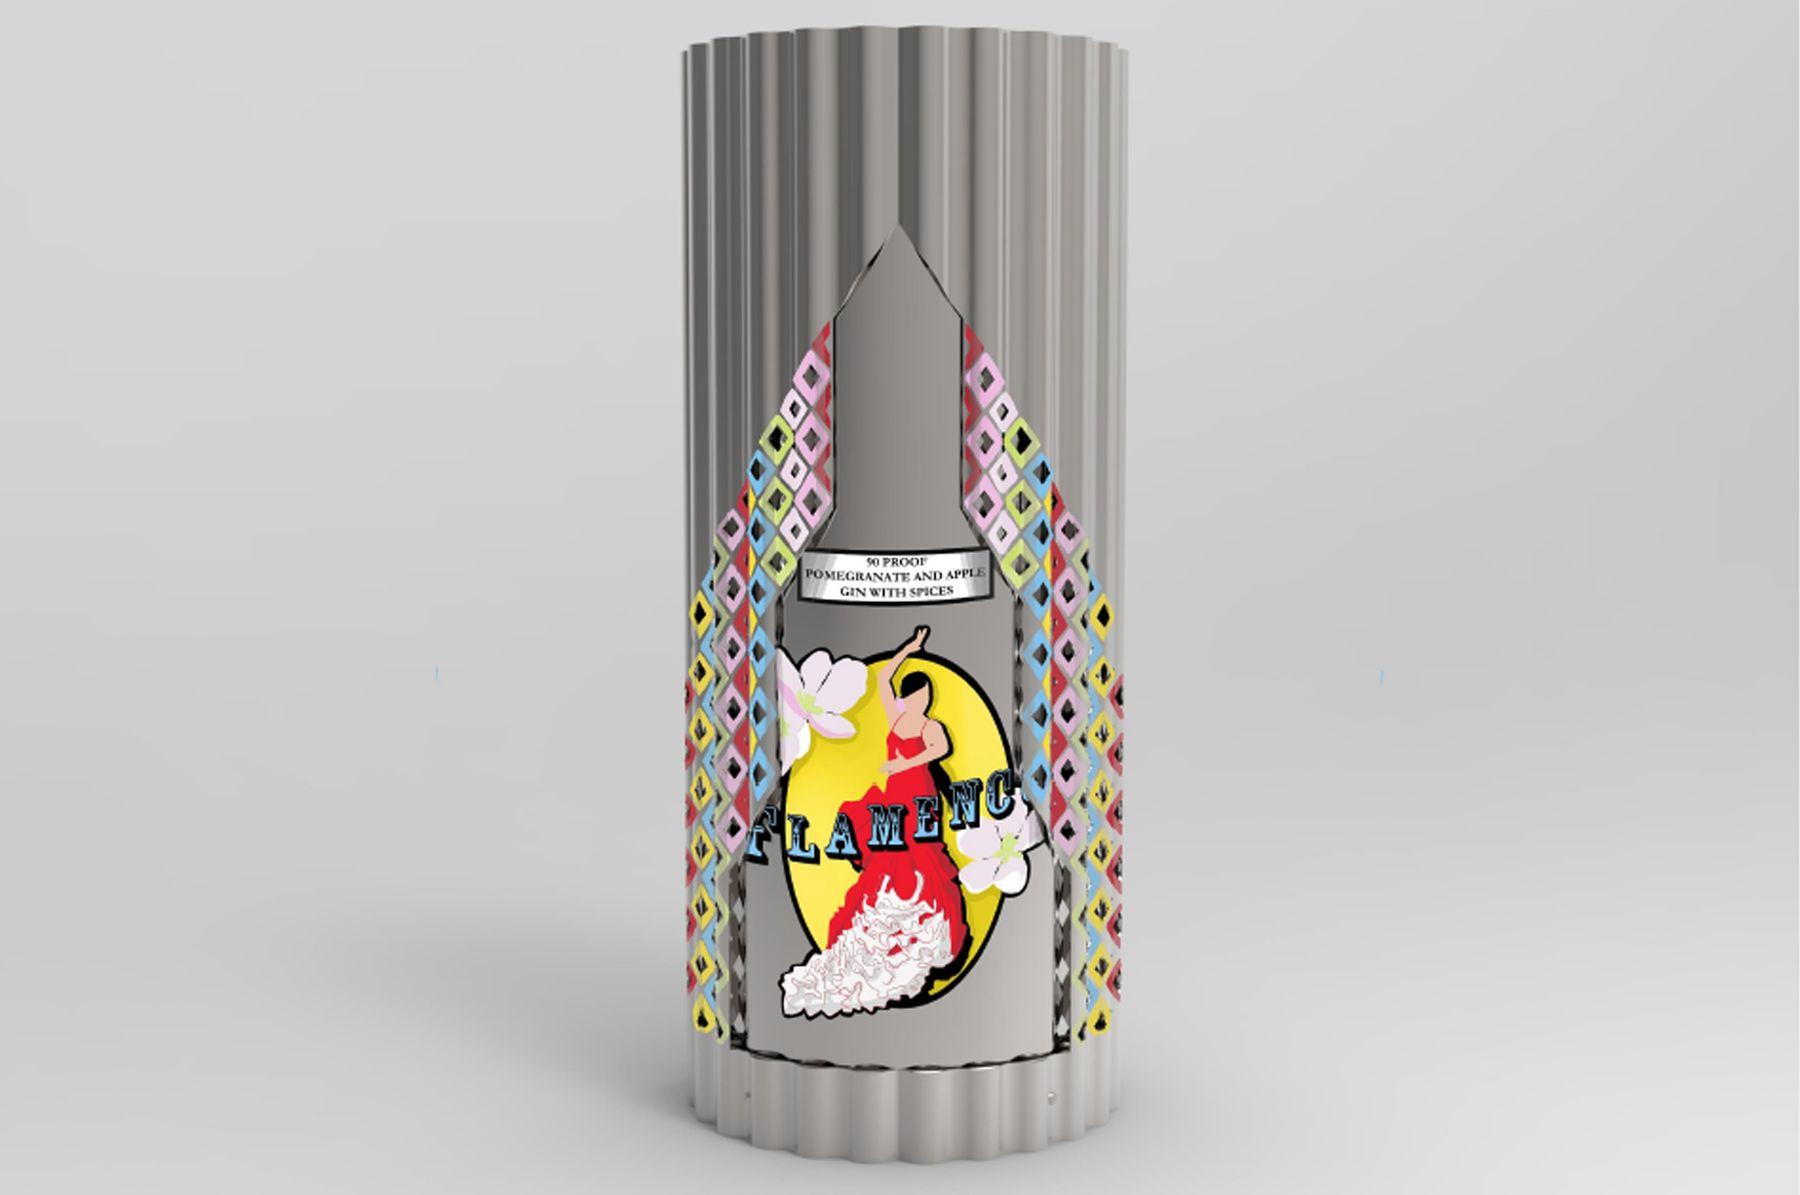 CAD render of a gin bottle design